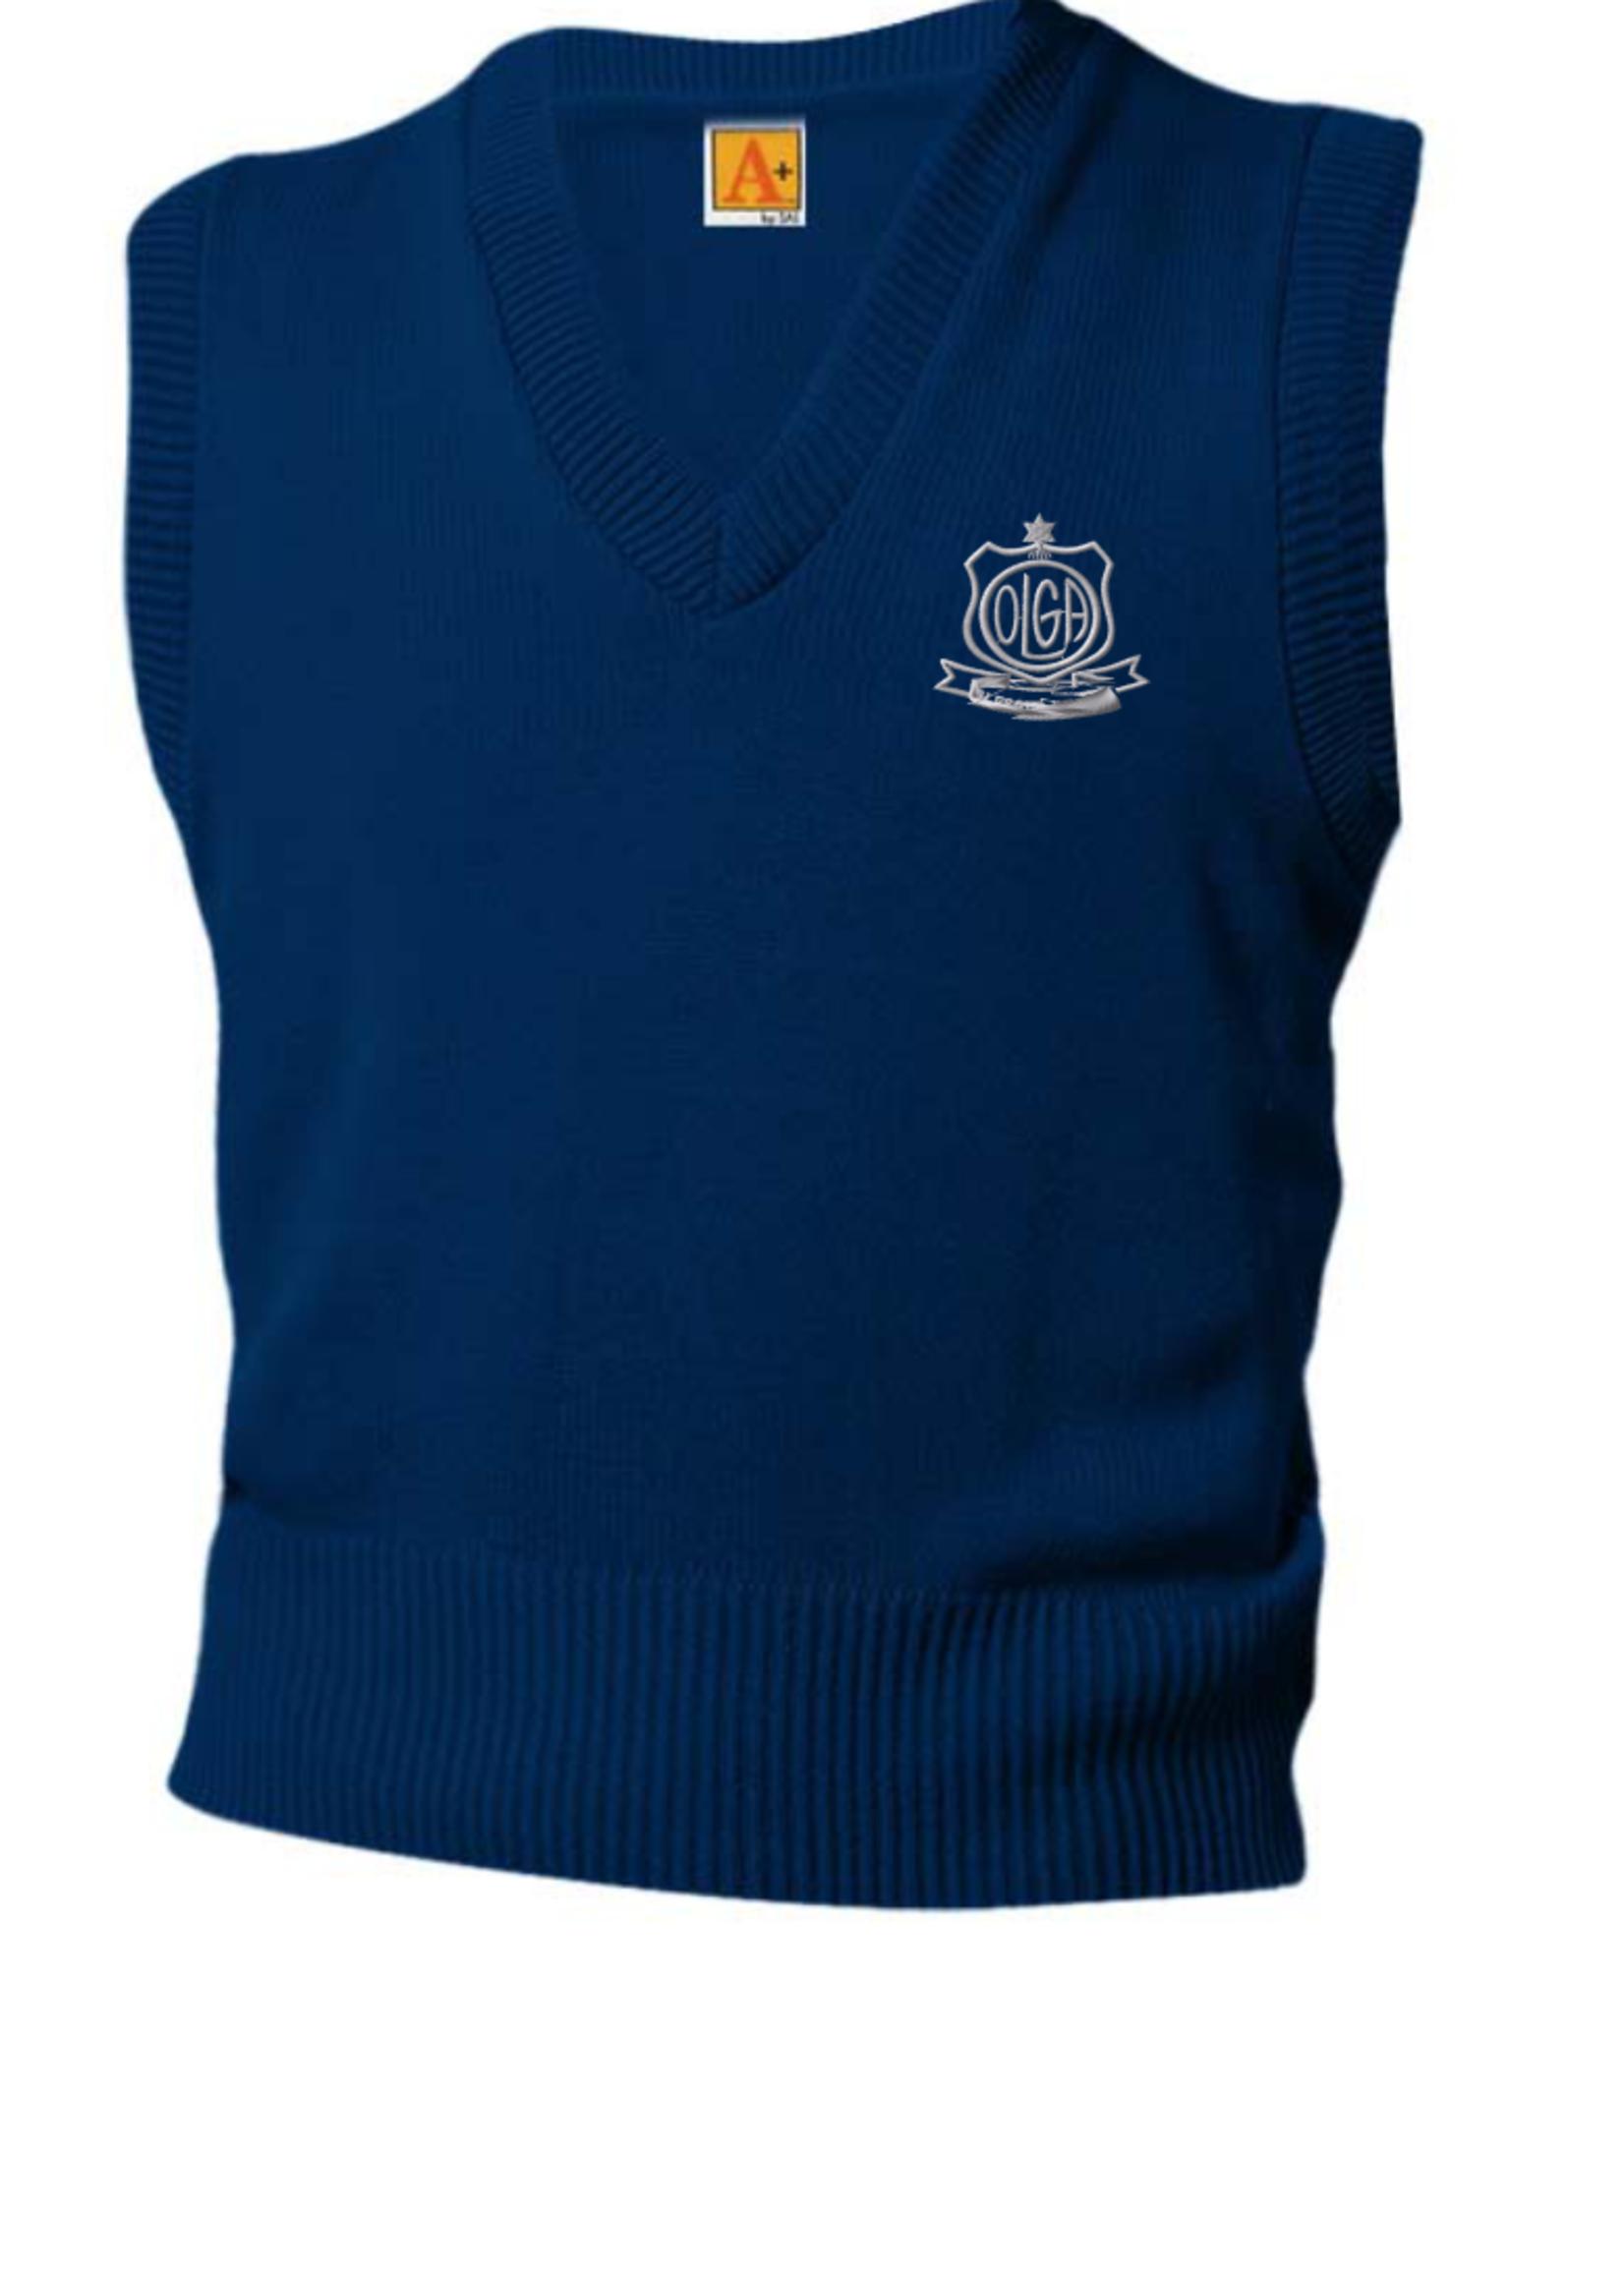 OLGA Navy V-neck sweater vest